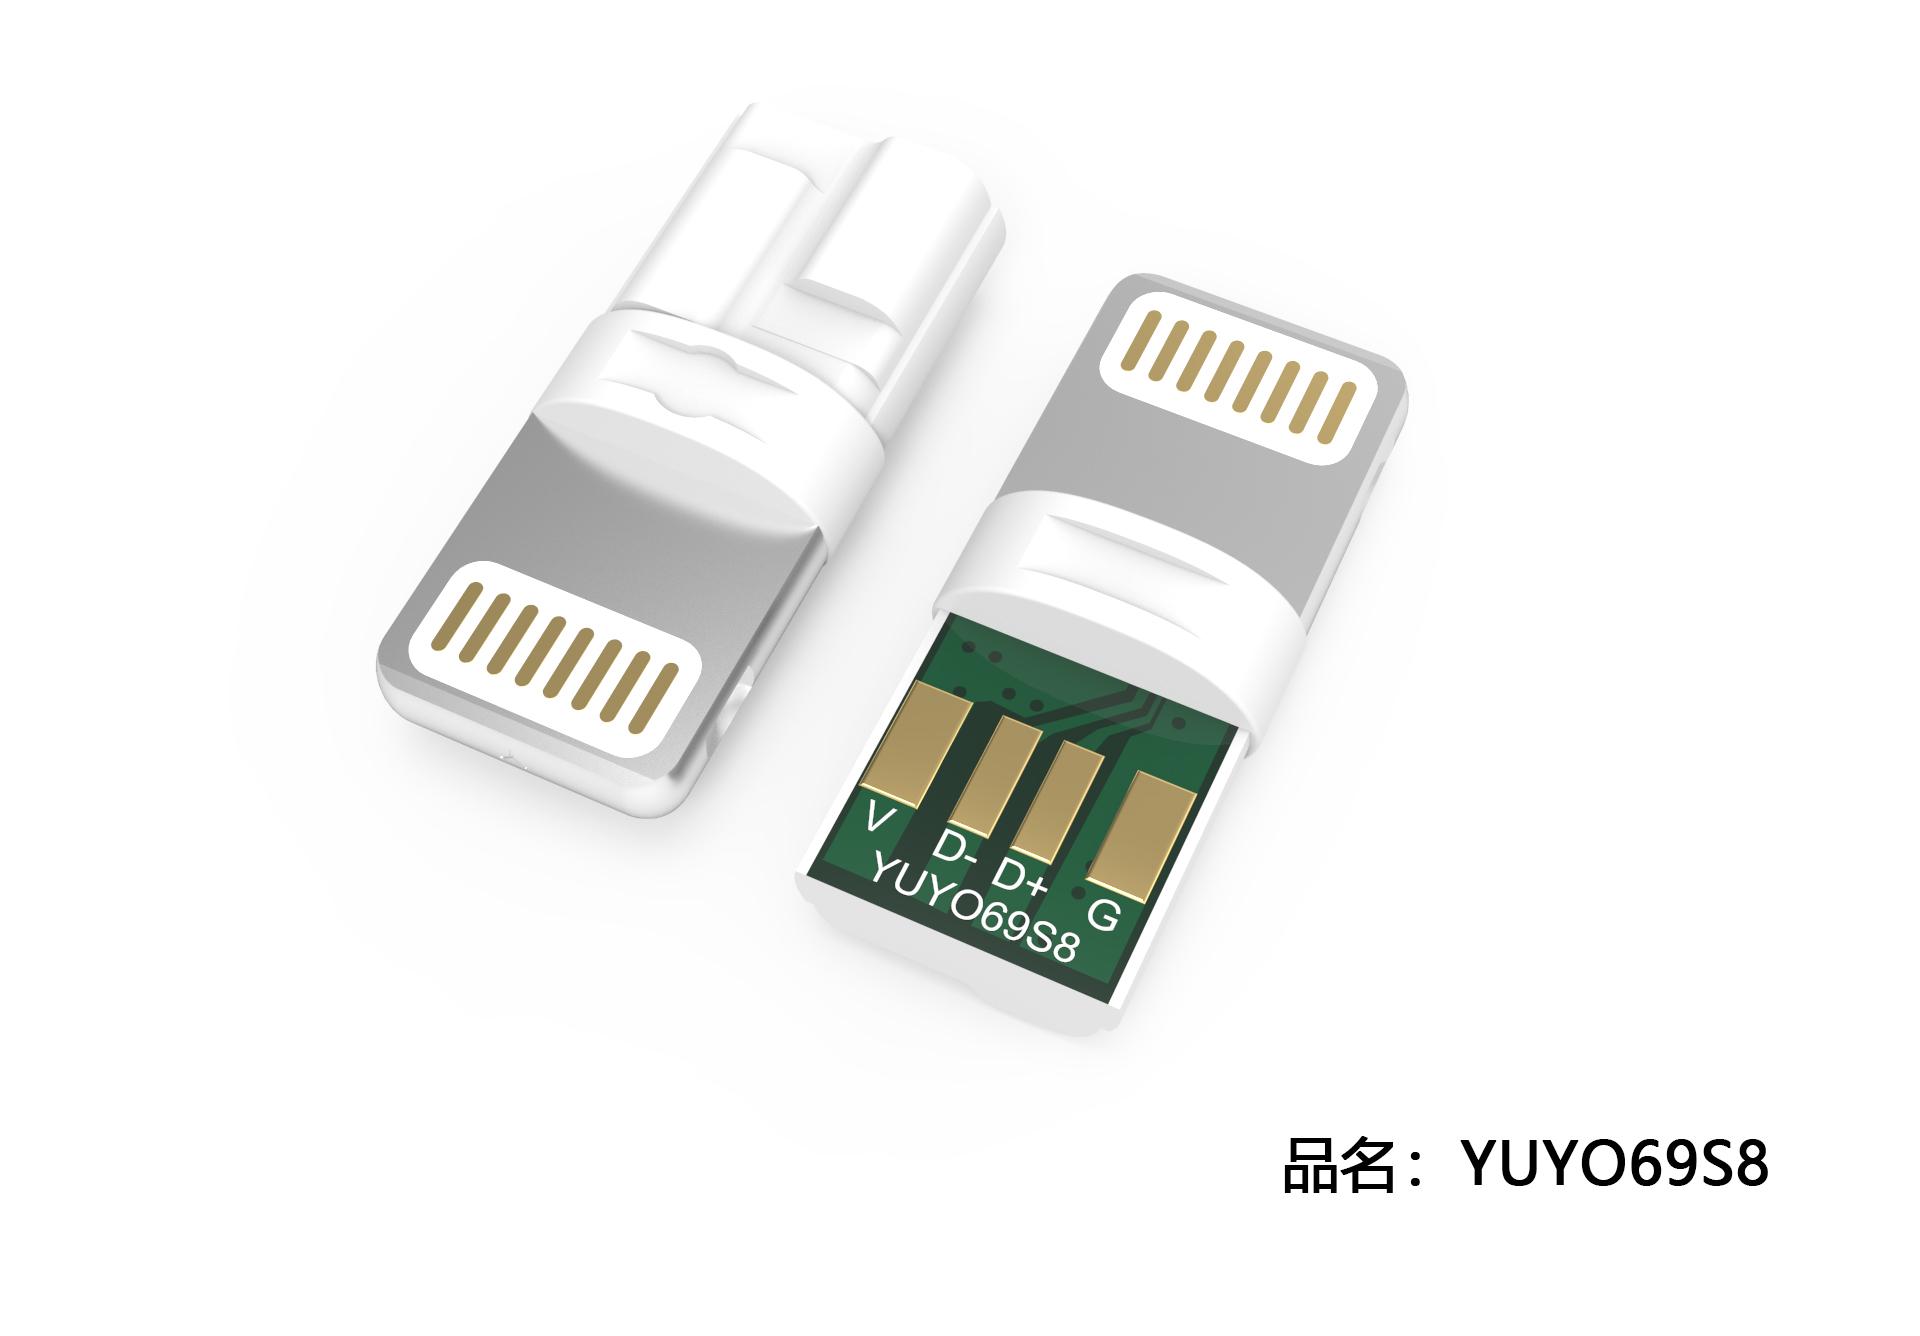 YUYO69S8